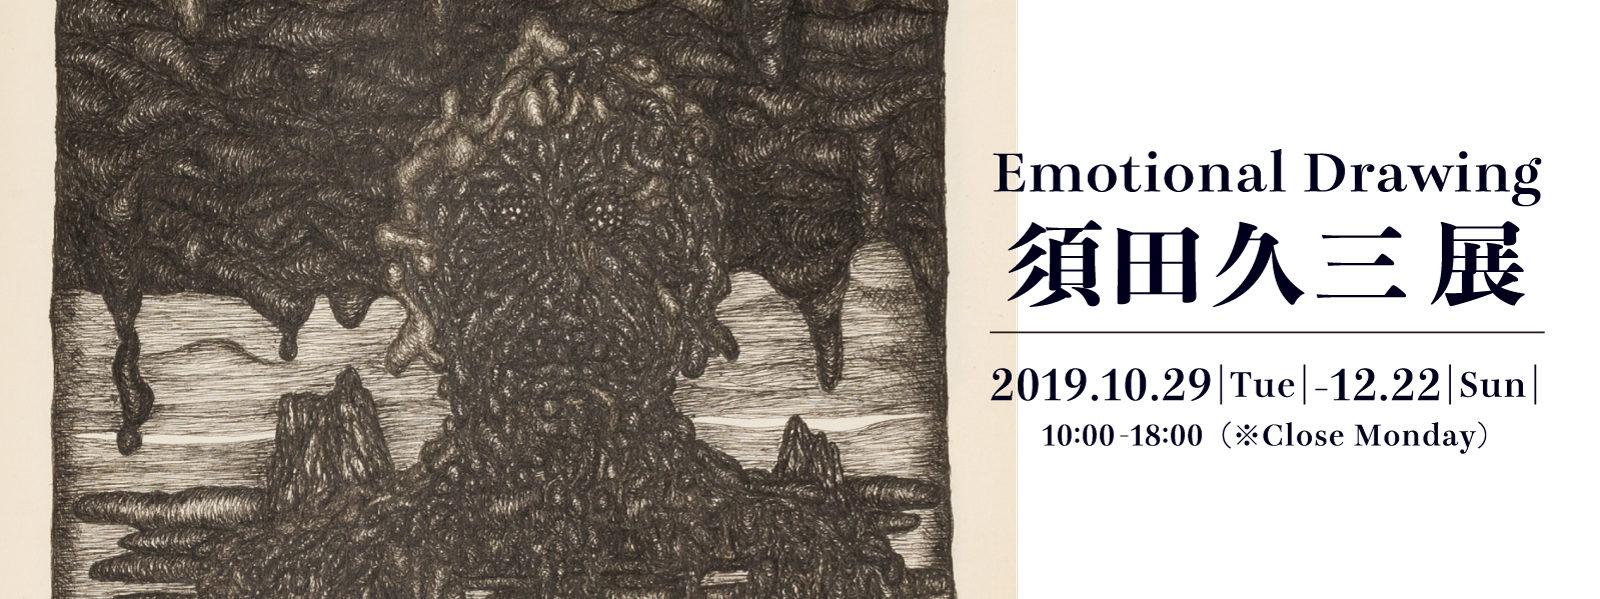 Emotional Drawing|須田久三 展 2019.10.29-12.22